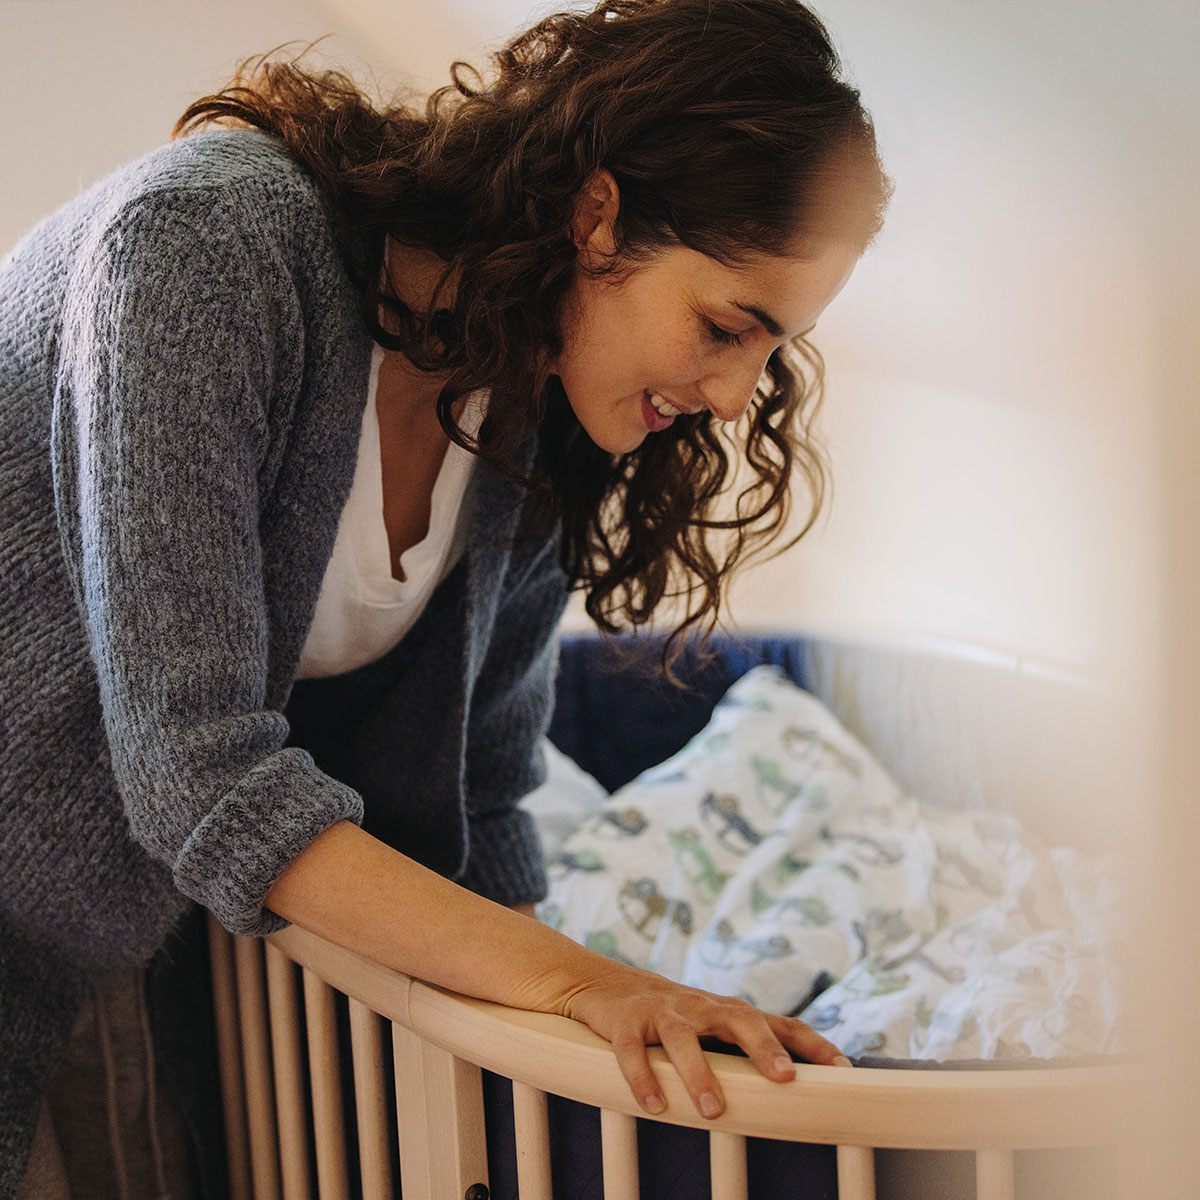 Kvinde sætter en baby i en krybbe